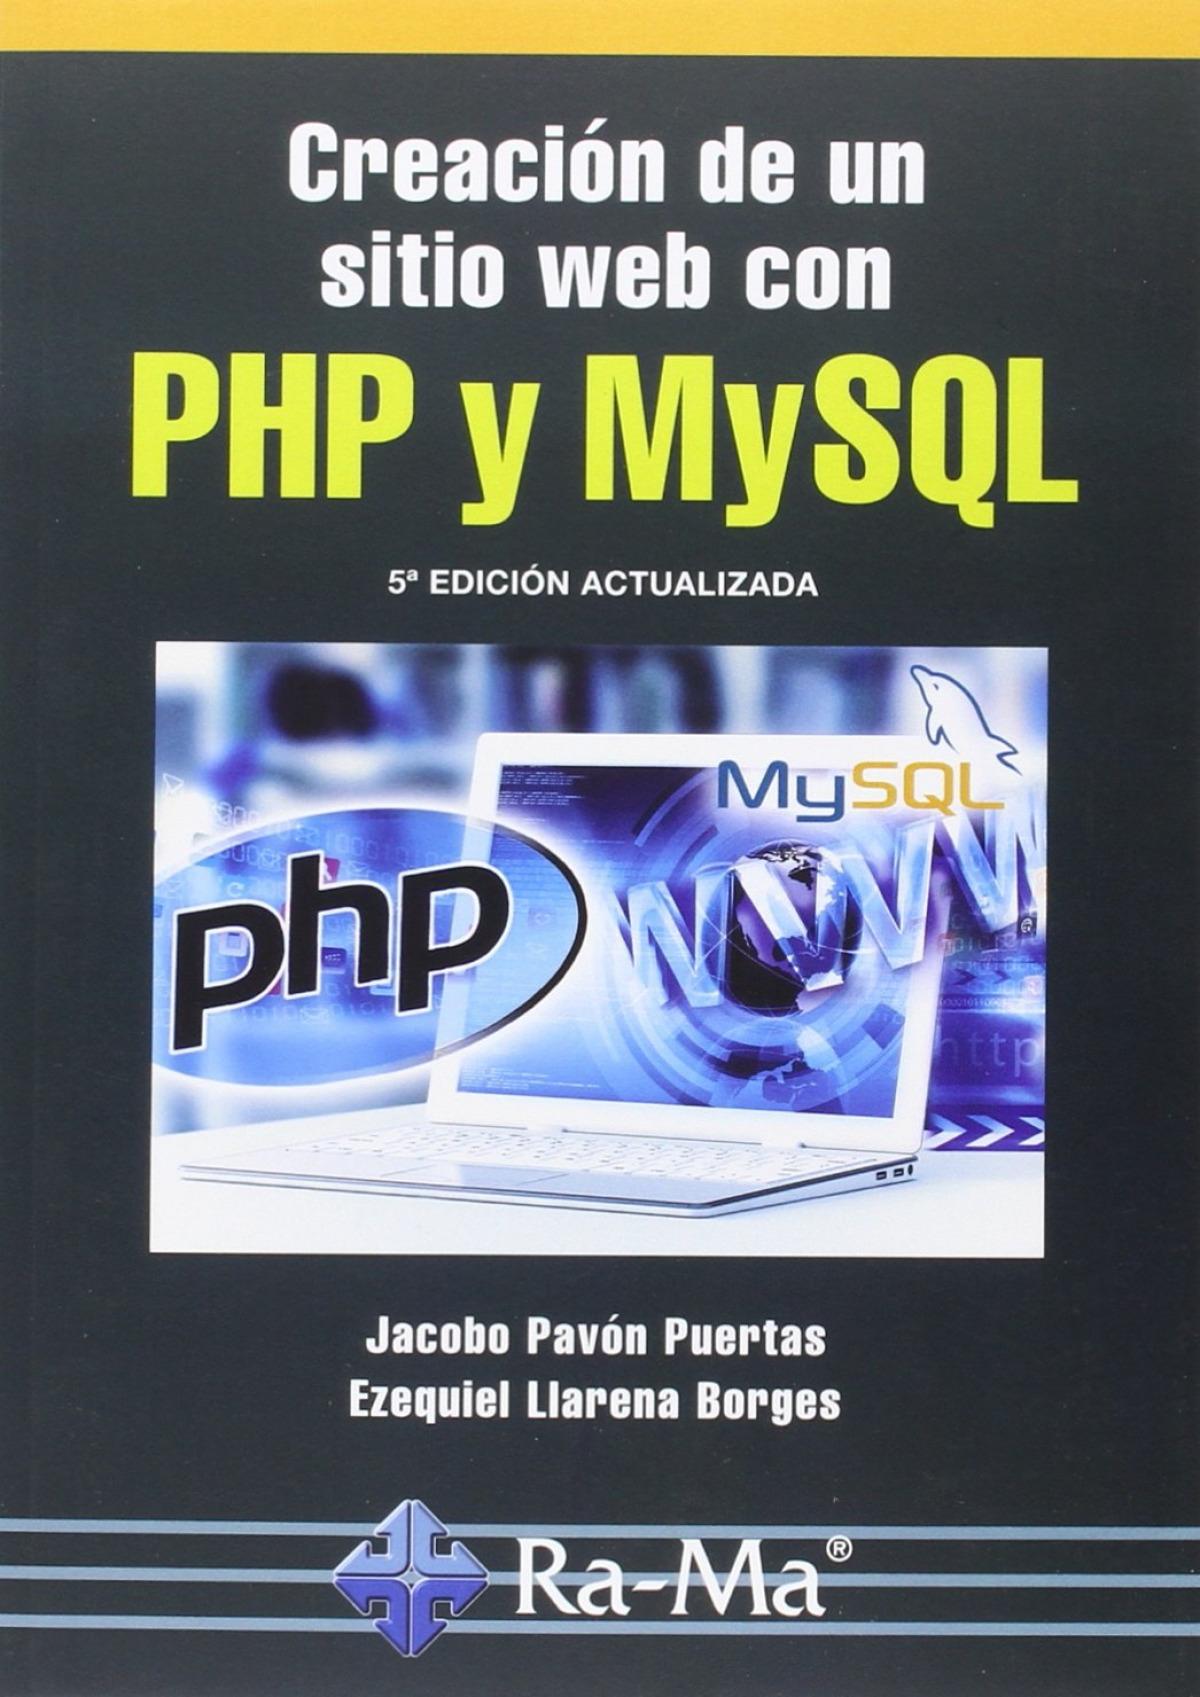 CREACION DE UN SITIO WEB CON PHP Y MYSQL (5a. ED.ACT.2016) 9788499645674